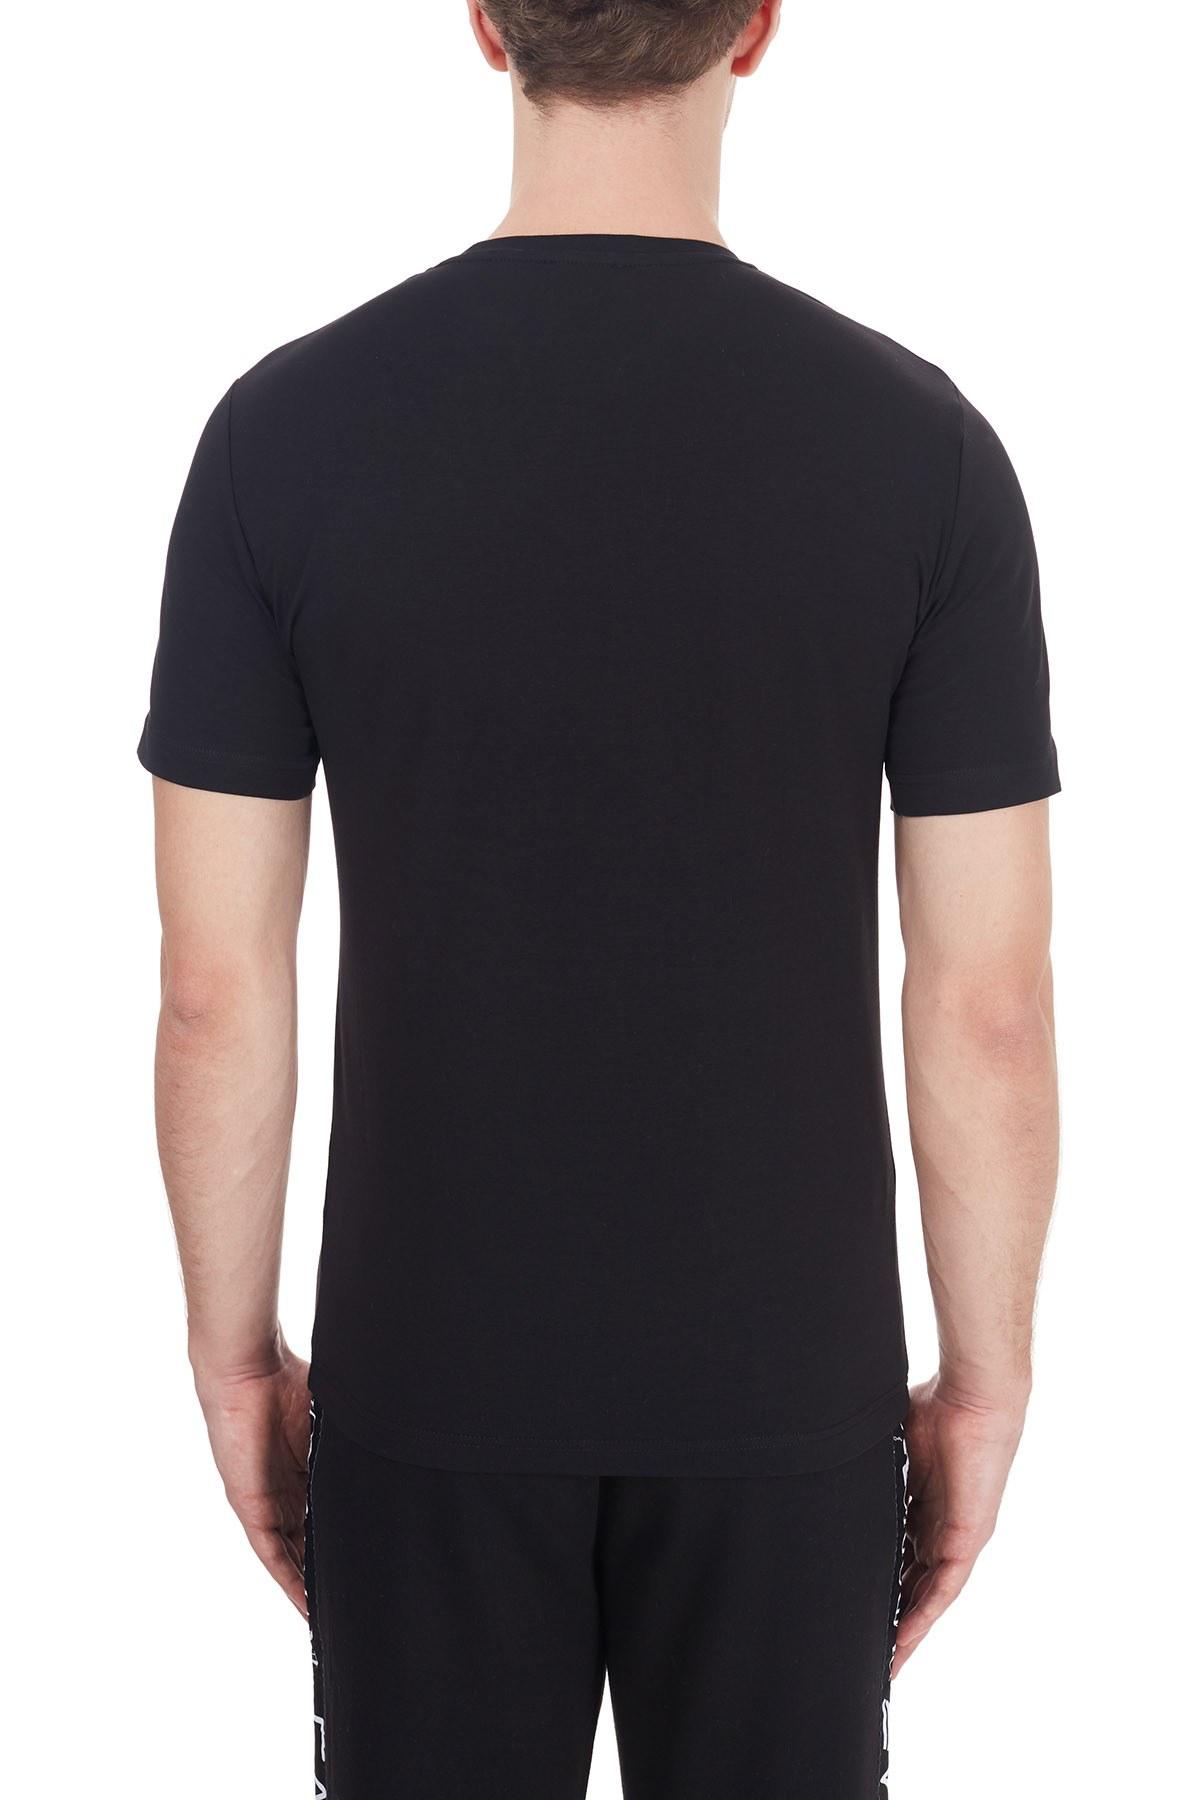 EA7 Erkek T Shirt 6HPT31 PJ3NZ 1200 SİYAH